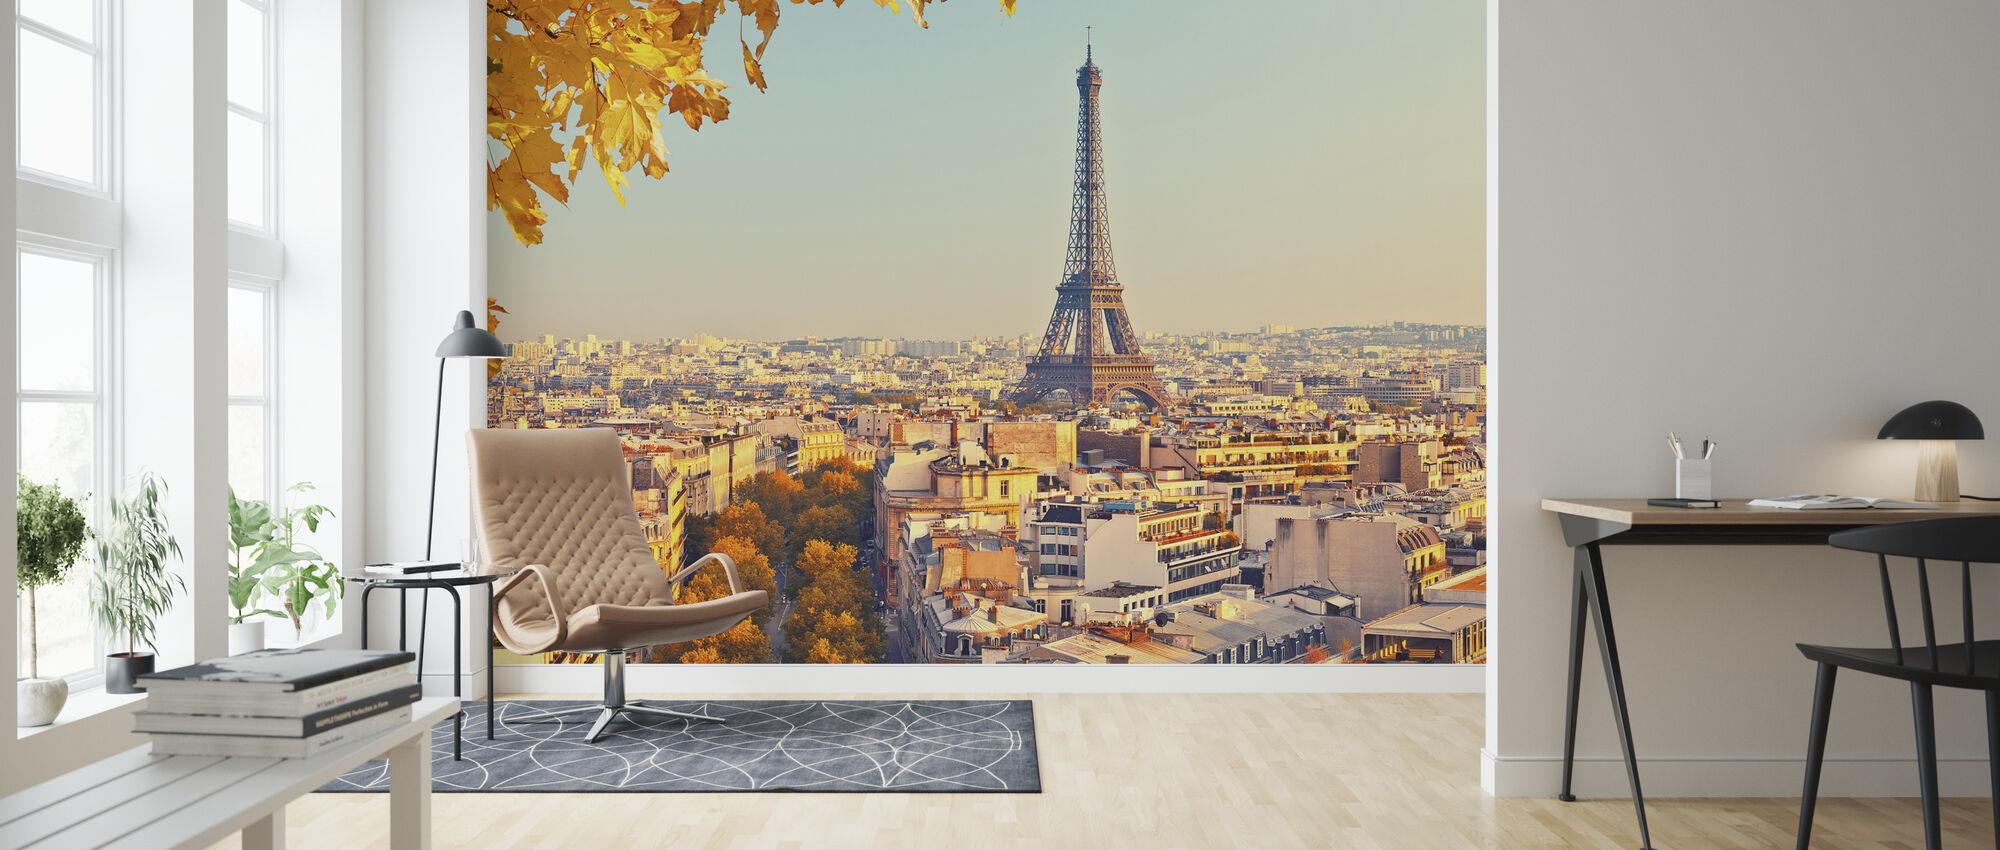 Eiffeltoren herfst uitzicht - Behang - Woonkamer